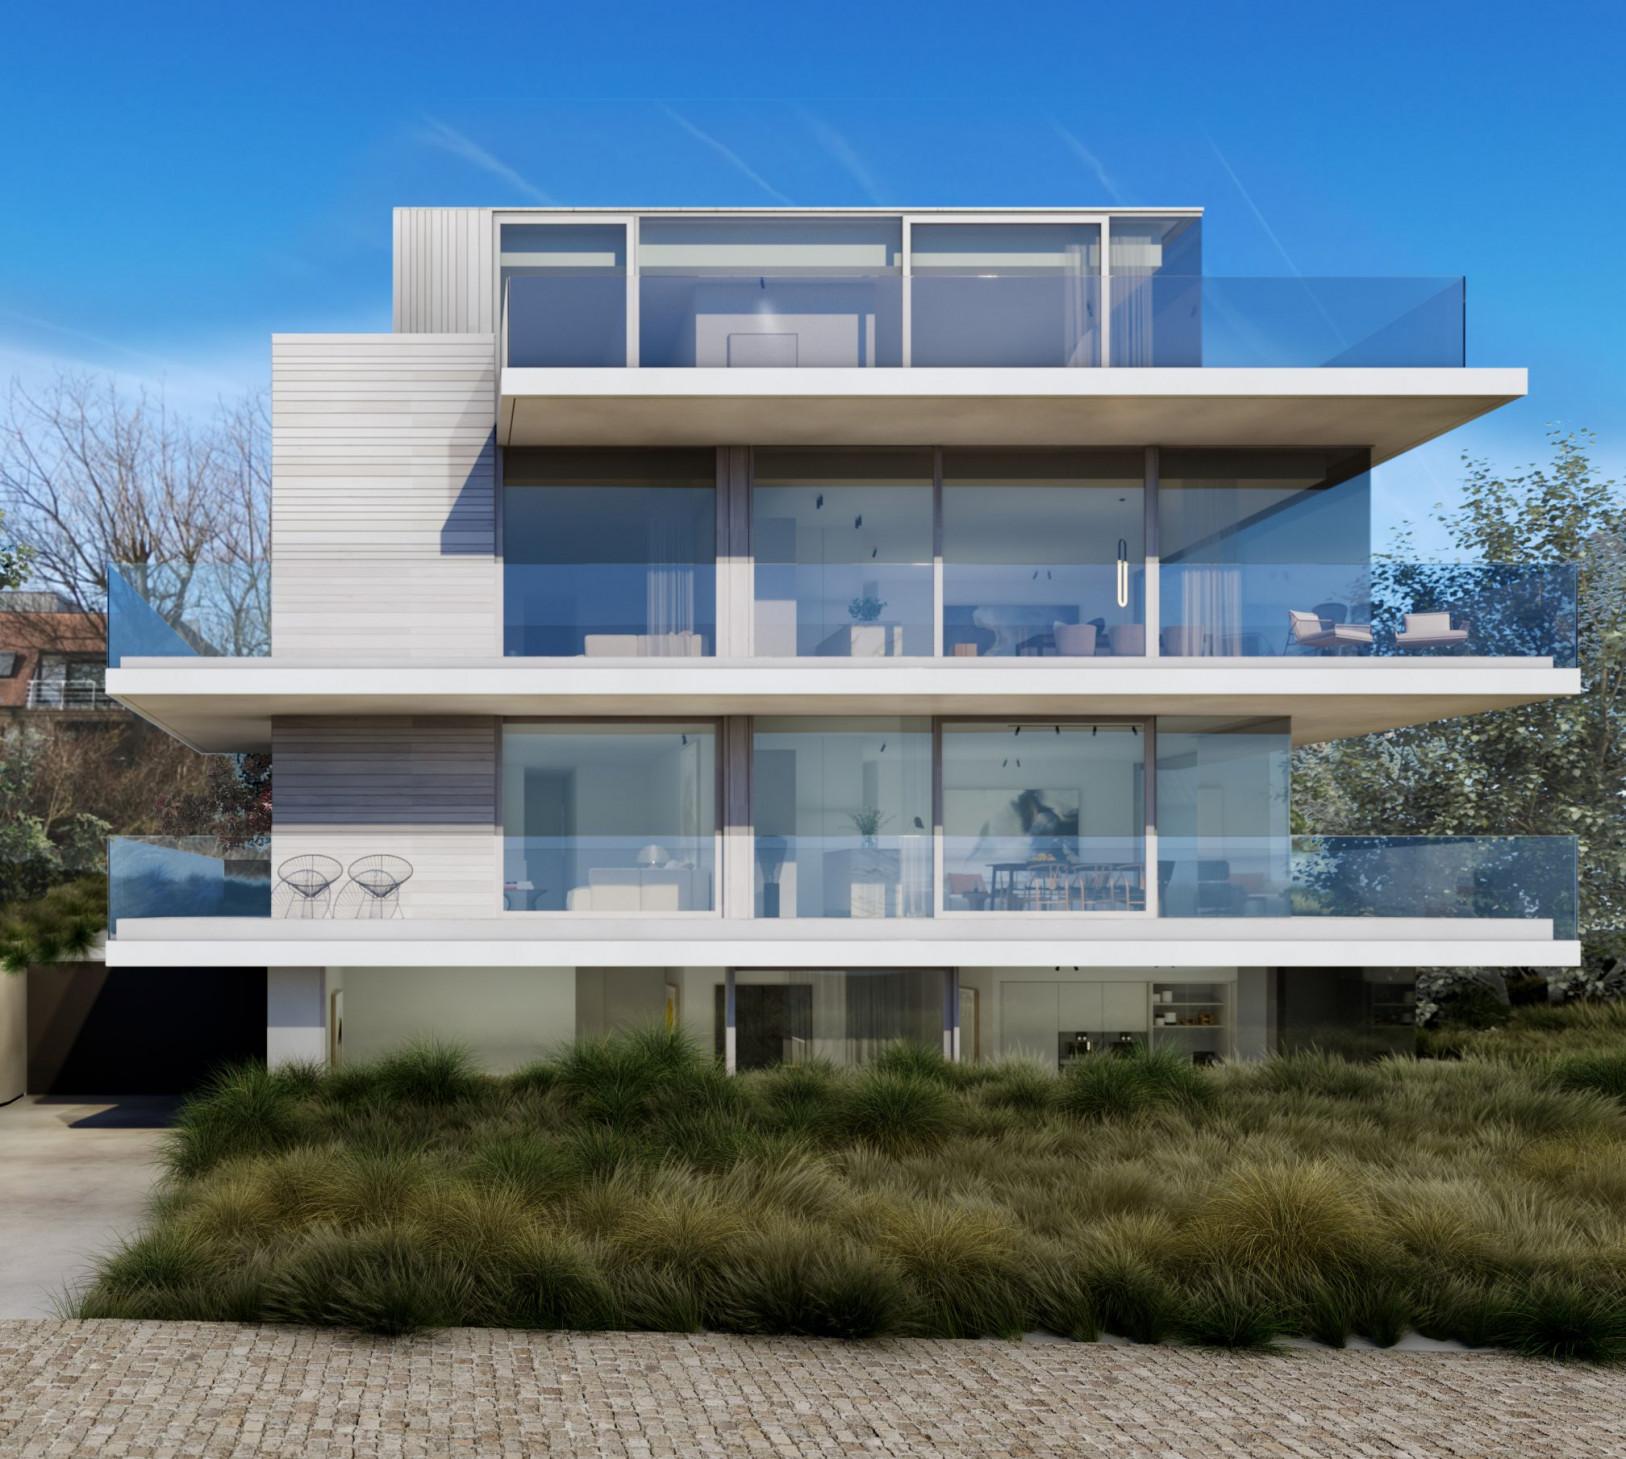 Rietveldprojects - Hannes Meyer - Oostduinkerke 11.jpg